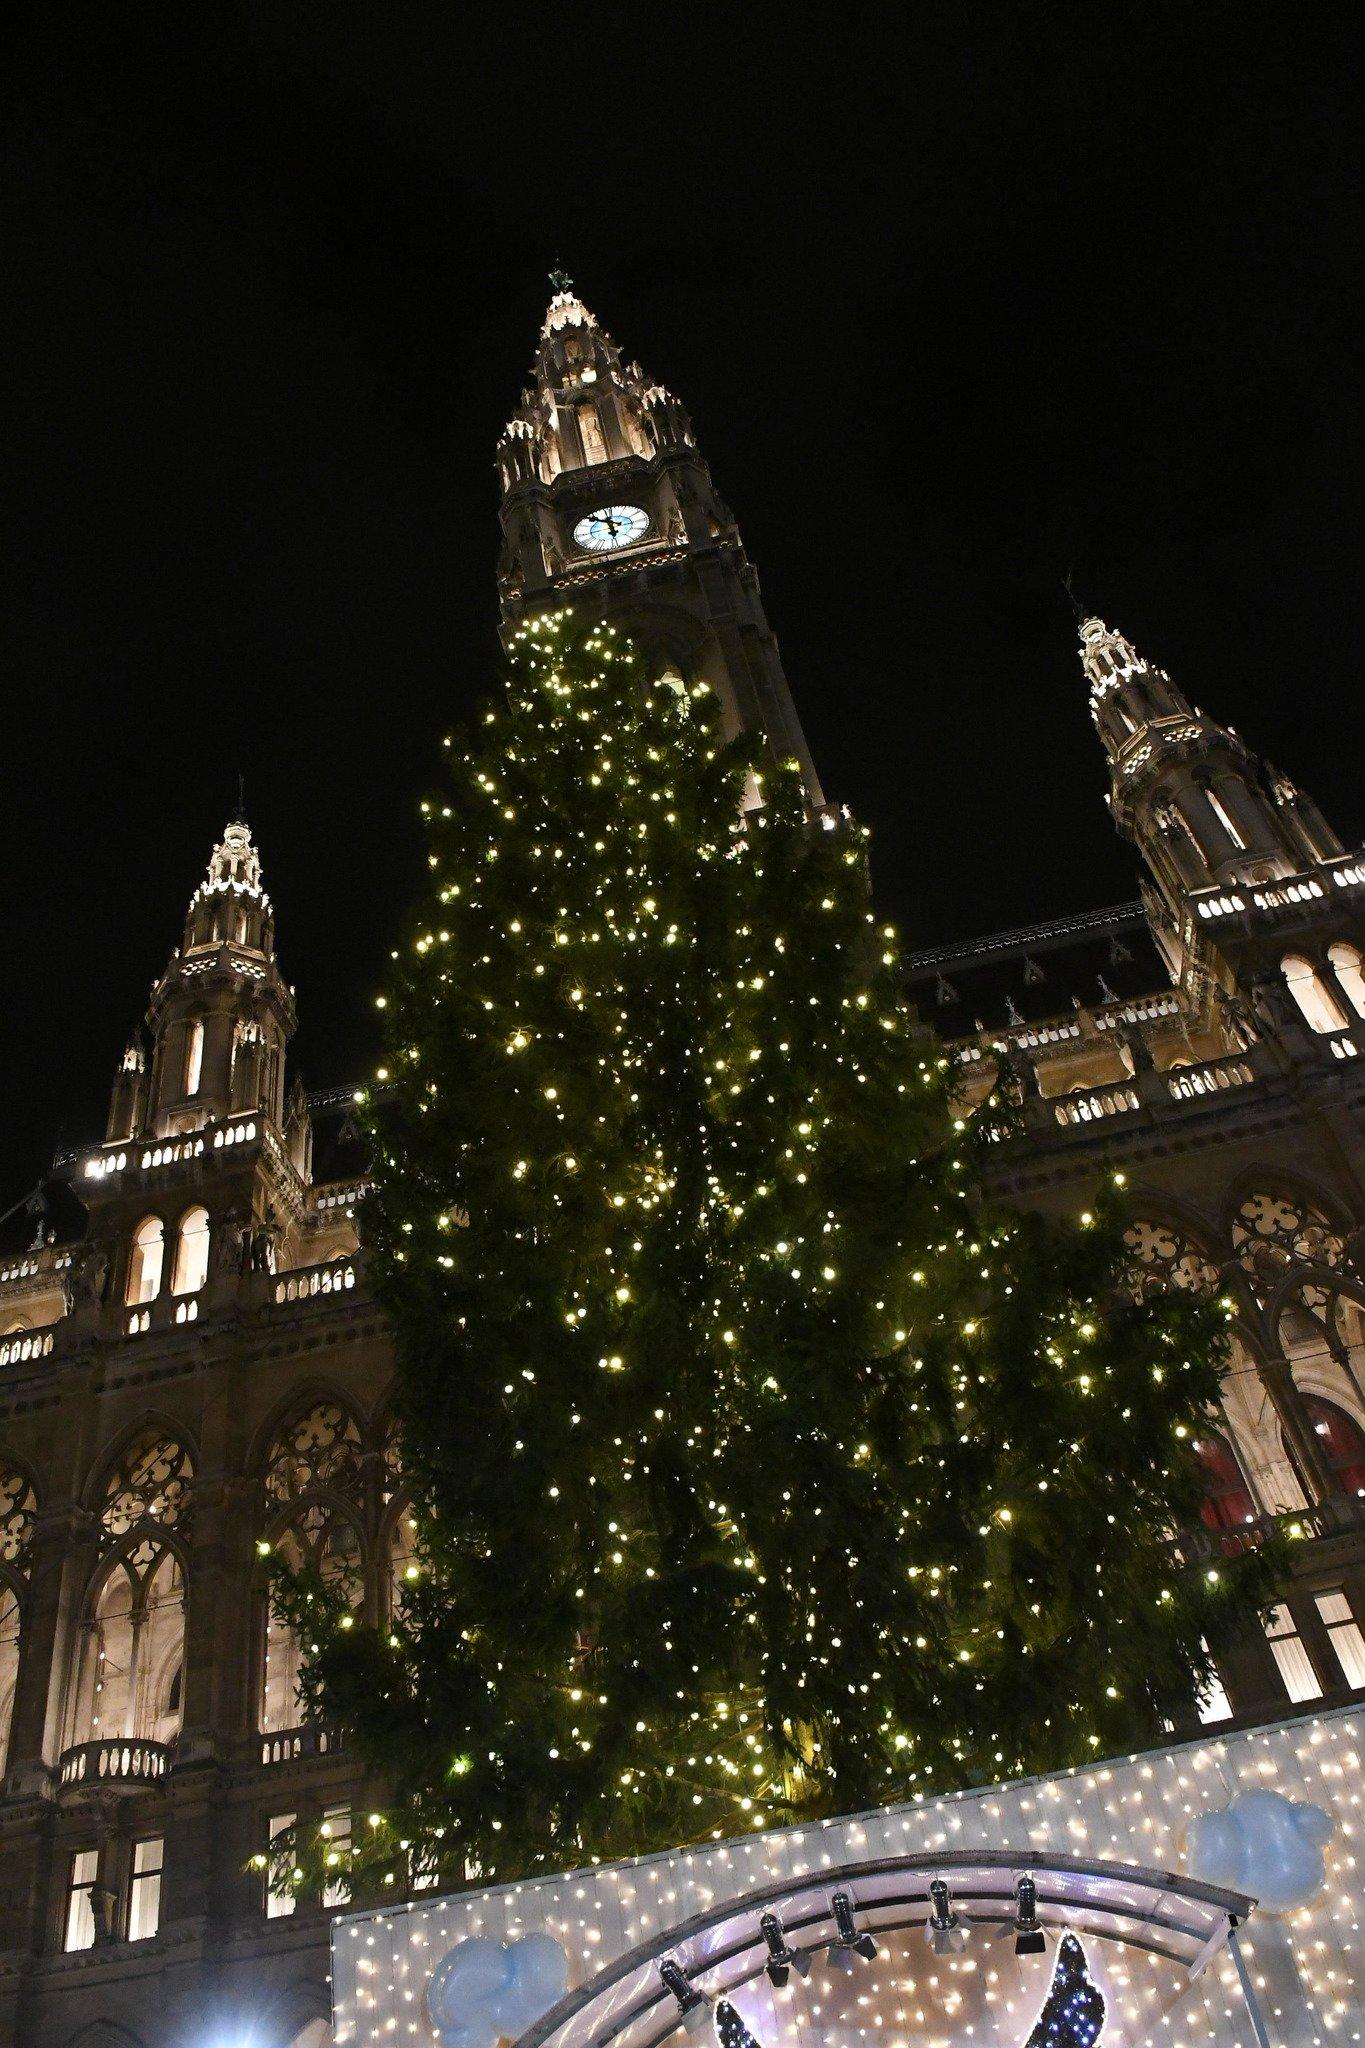 Weihnachtsbaum Herkunft.Weihnachtsbaum Am Wiener Rathausplatz Stammt Heuer Aus Metnitz St